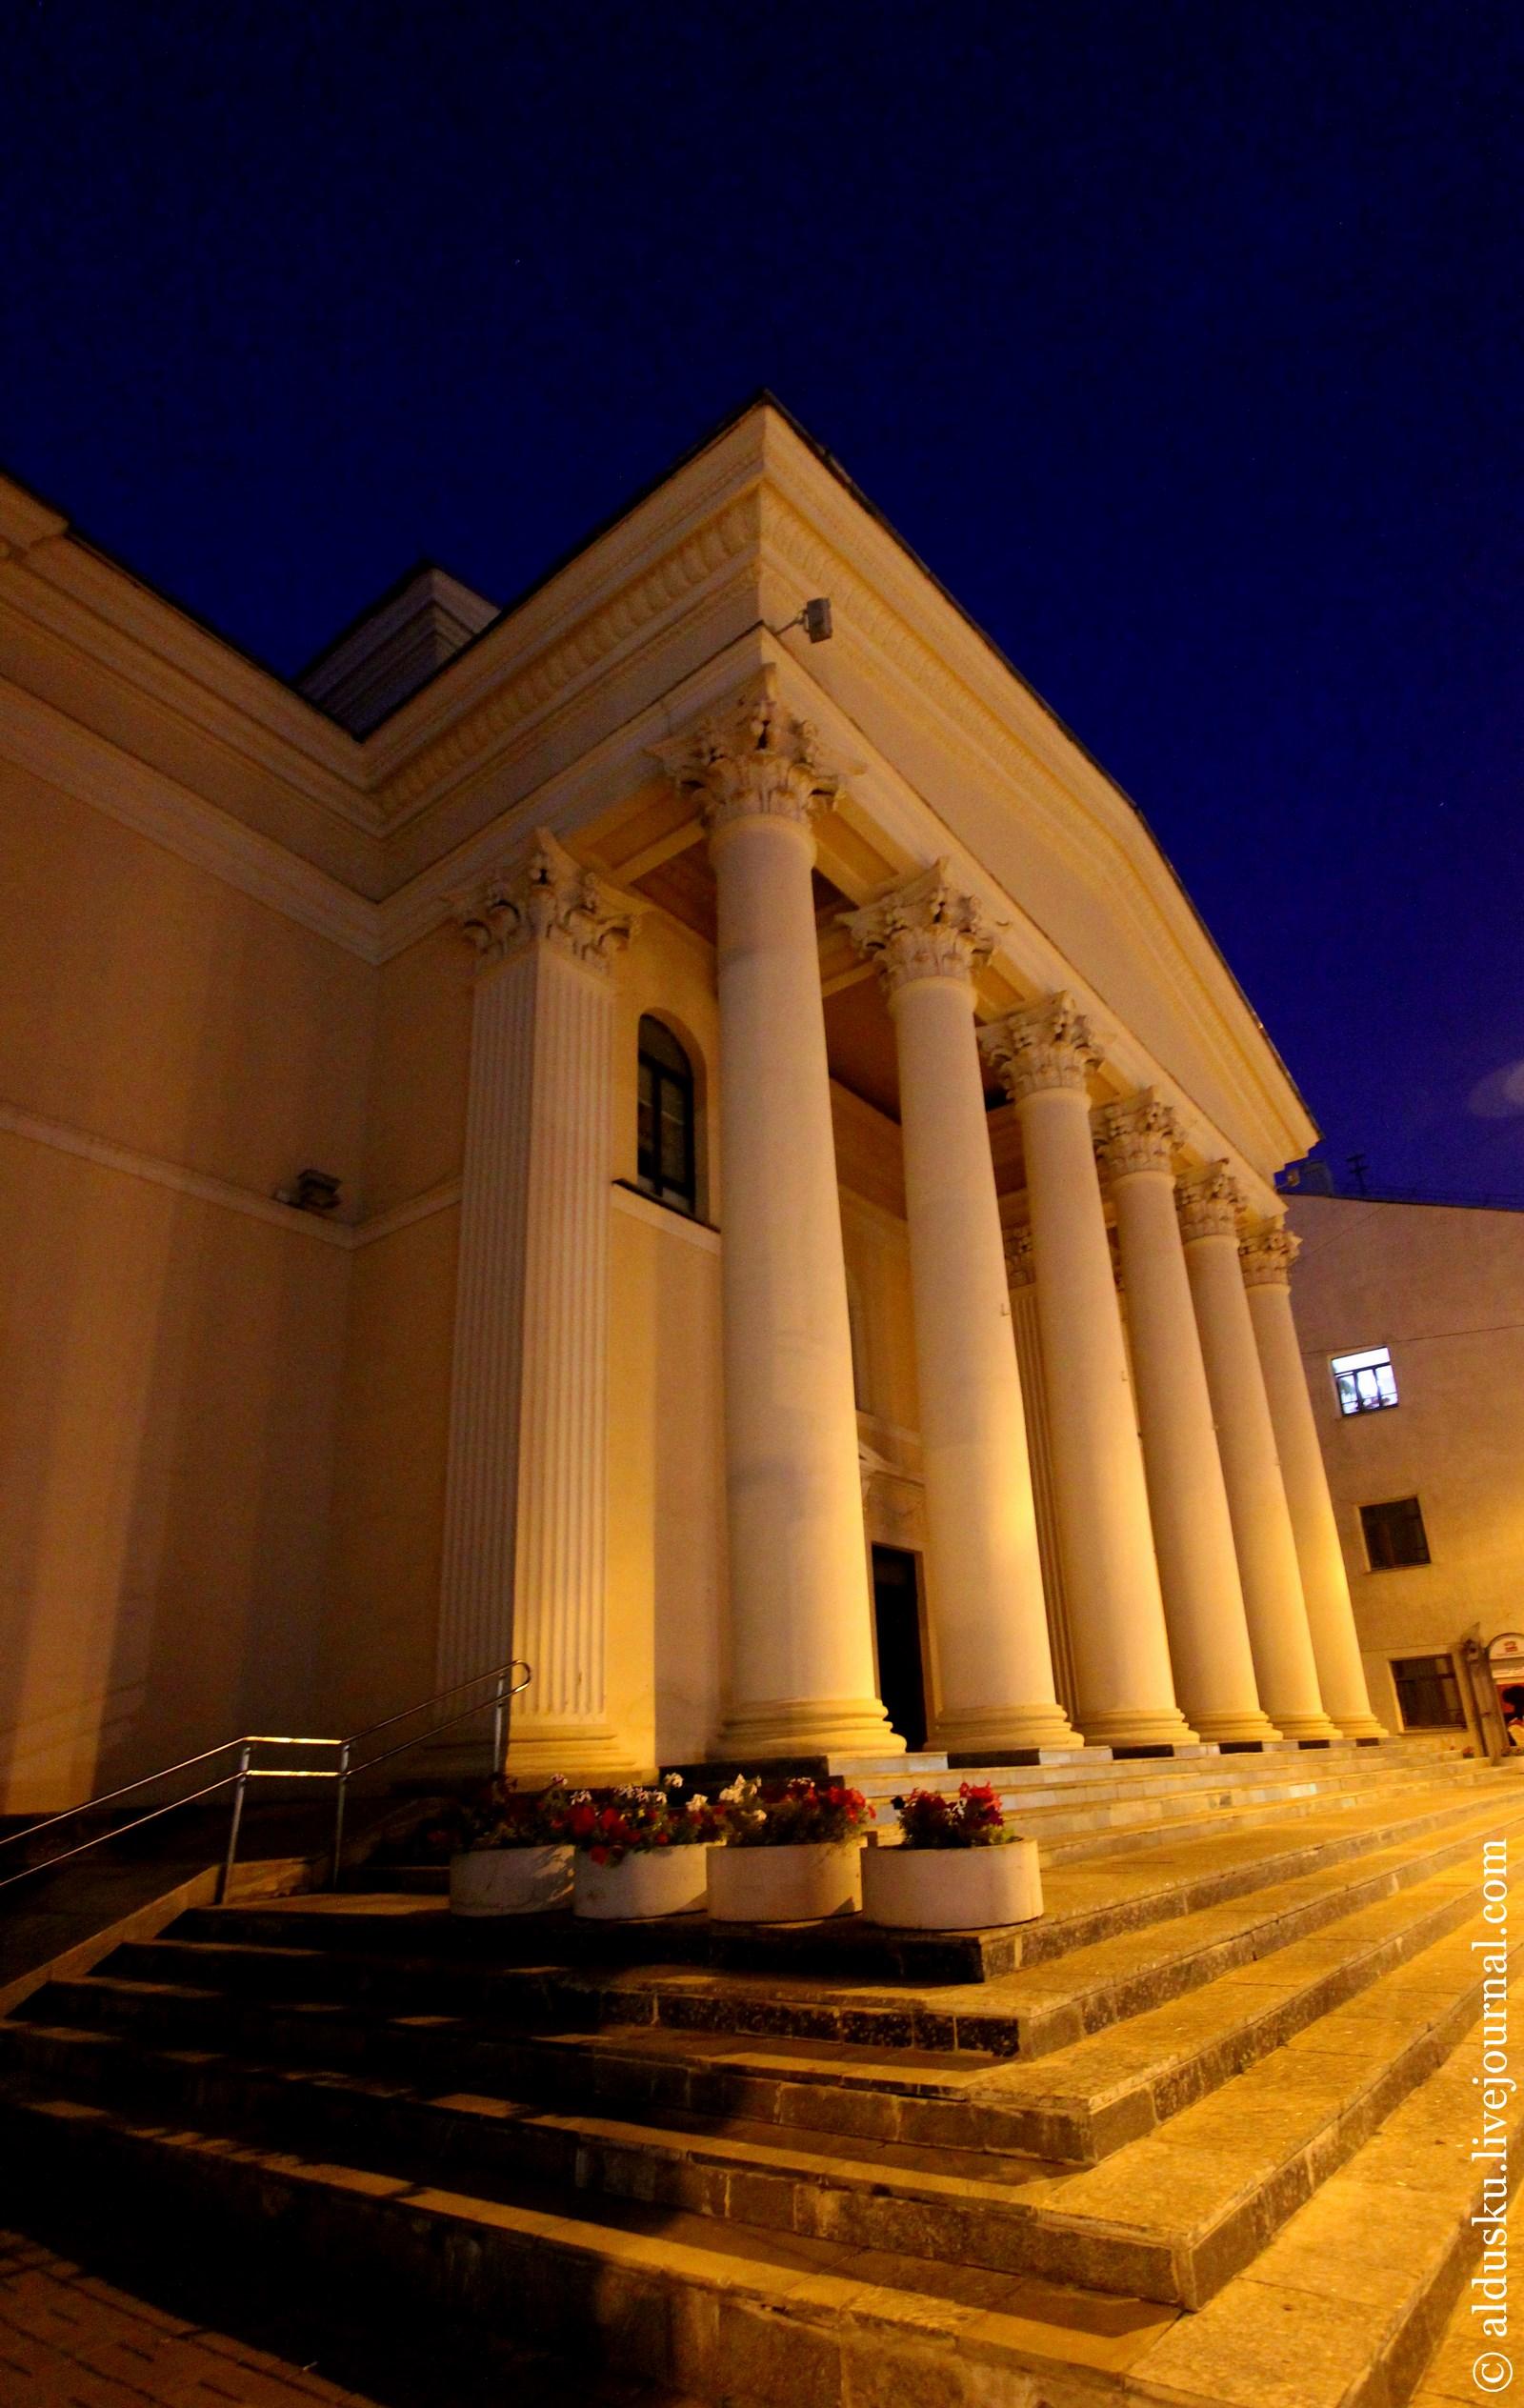 Национальный академический драматический театр имени М. Горького (ул. Володарского 5)